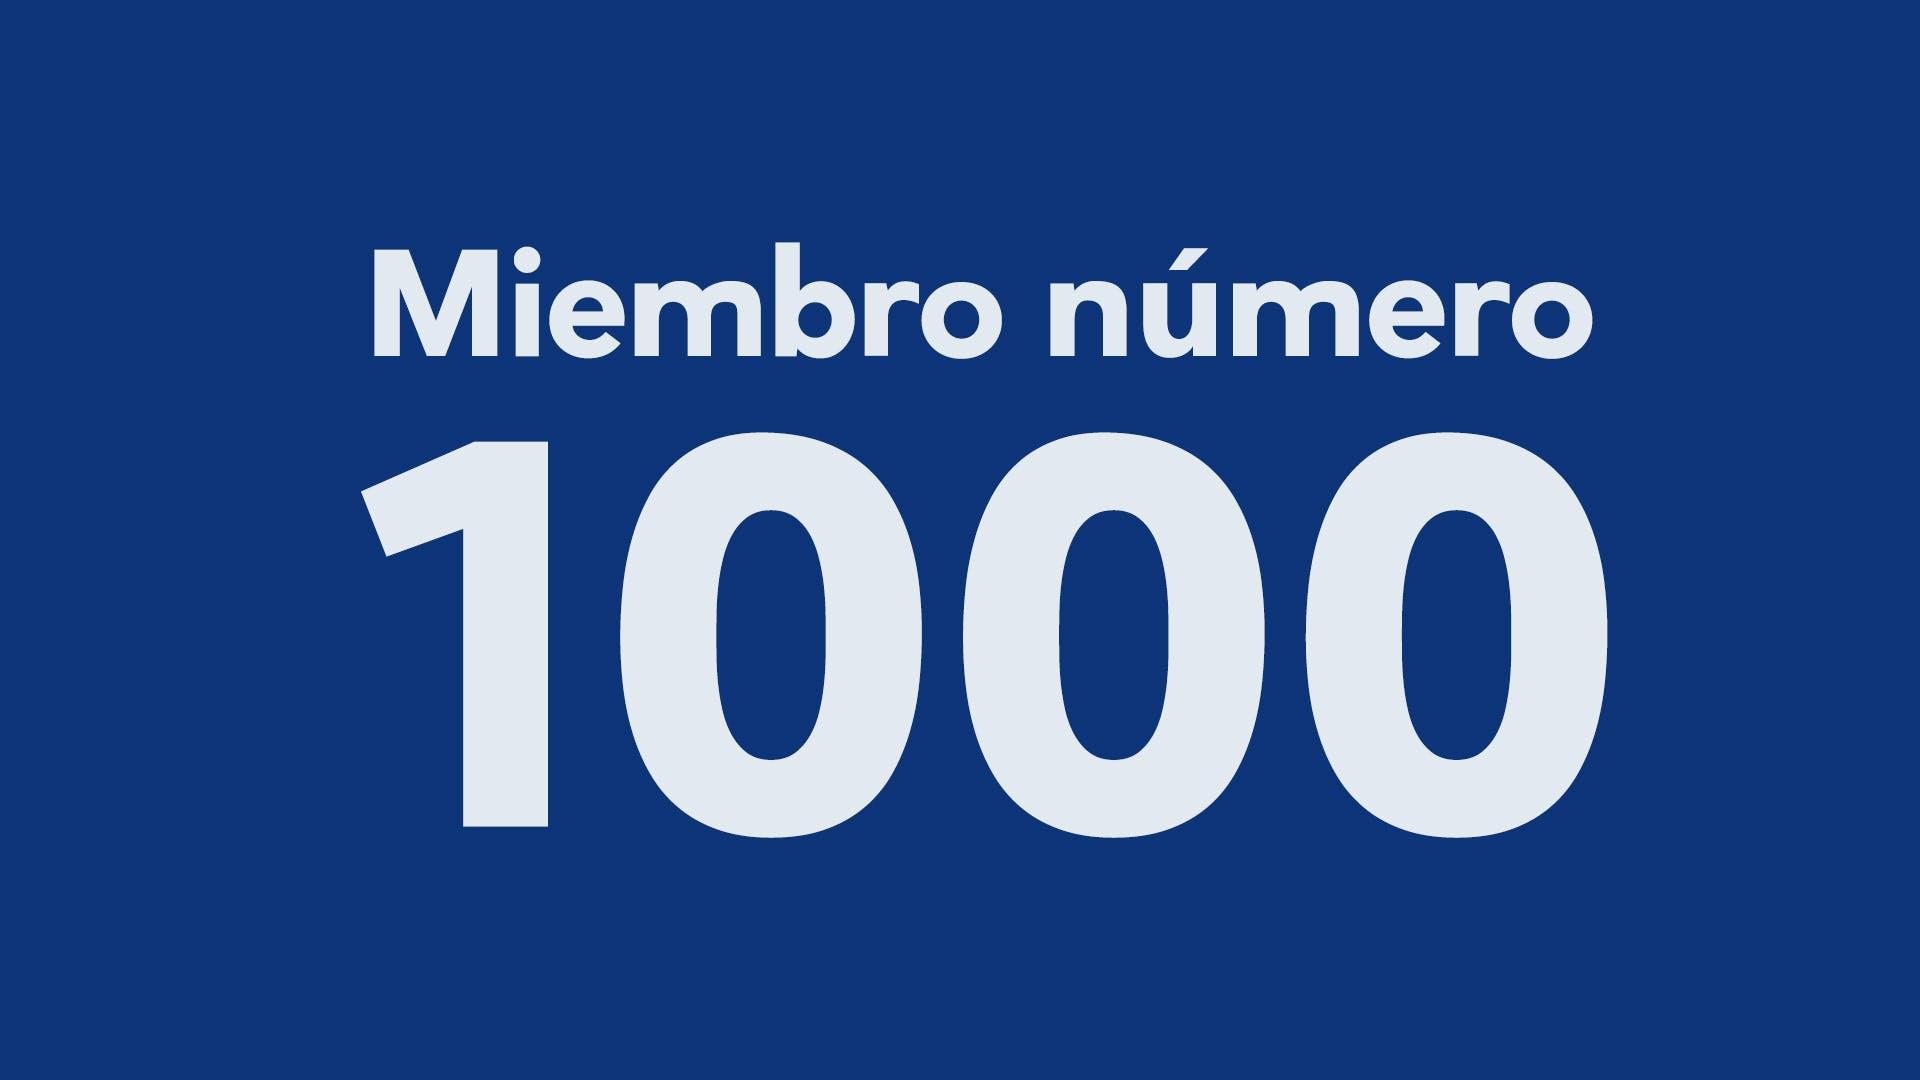 Competencia: ¿Serás tú el miembro número 1.000?